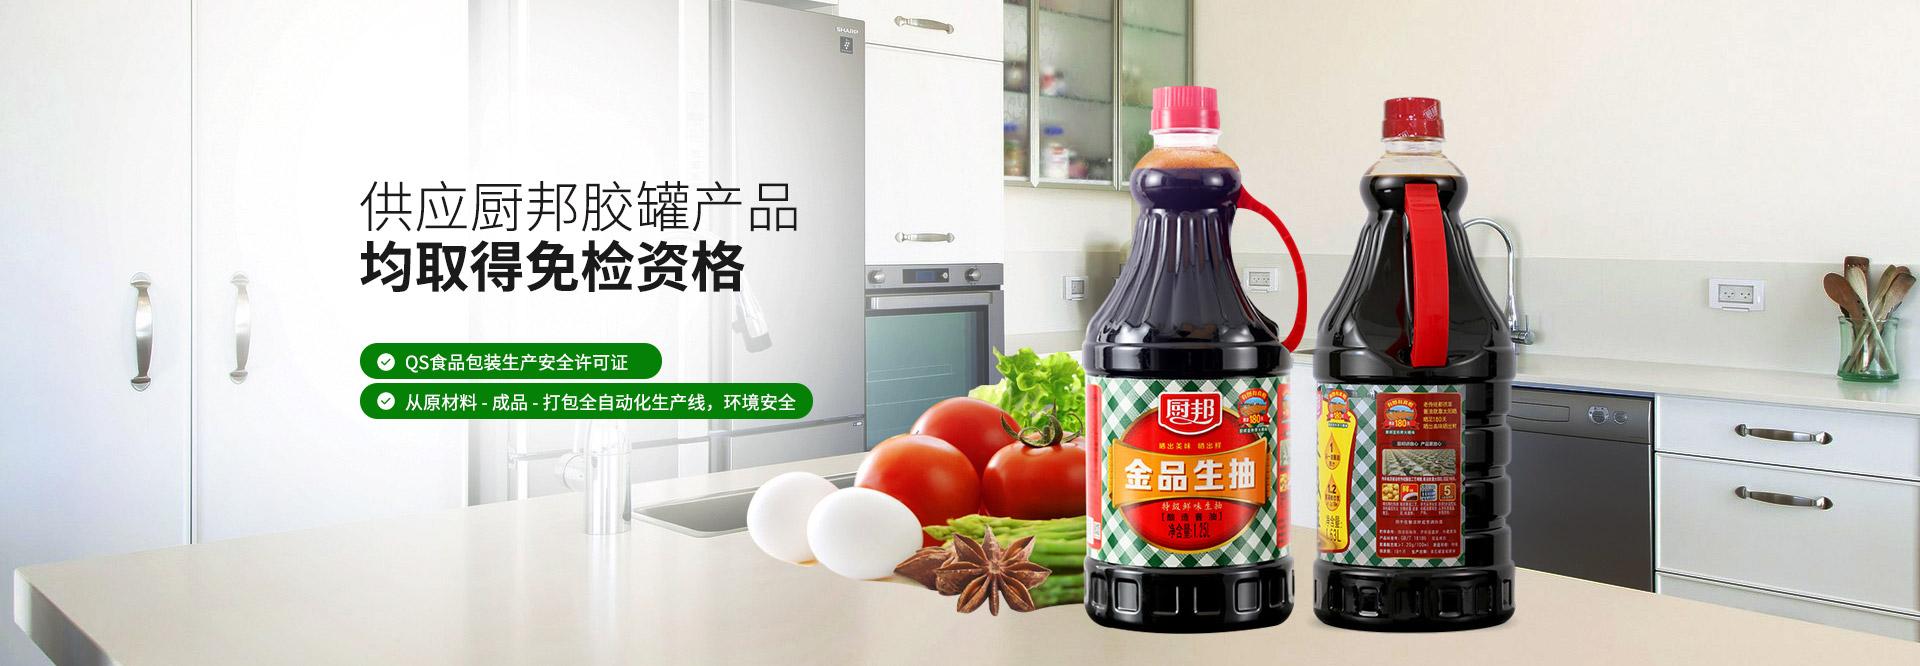 pet塑料瓶生产厂家